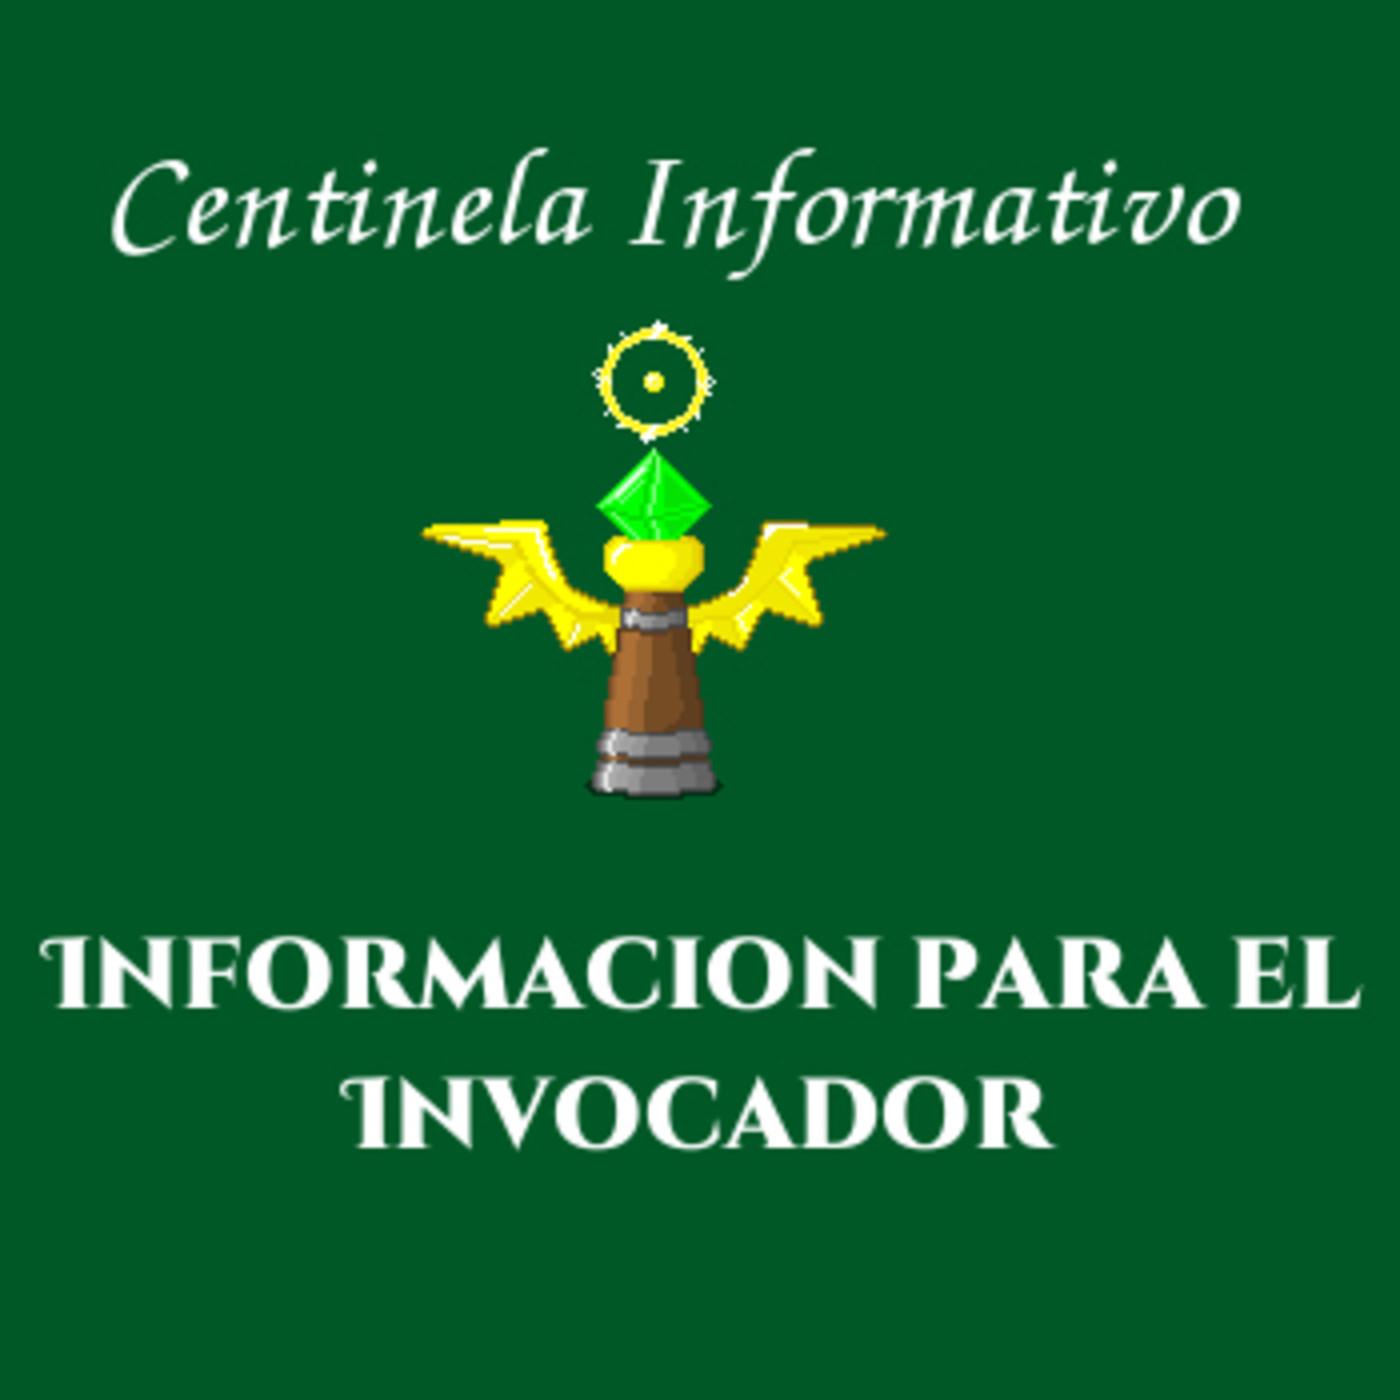 <![CDATA[Centinela Informativo]]>